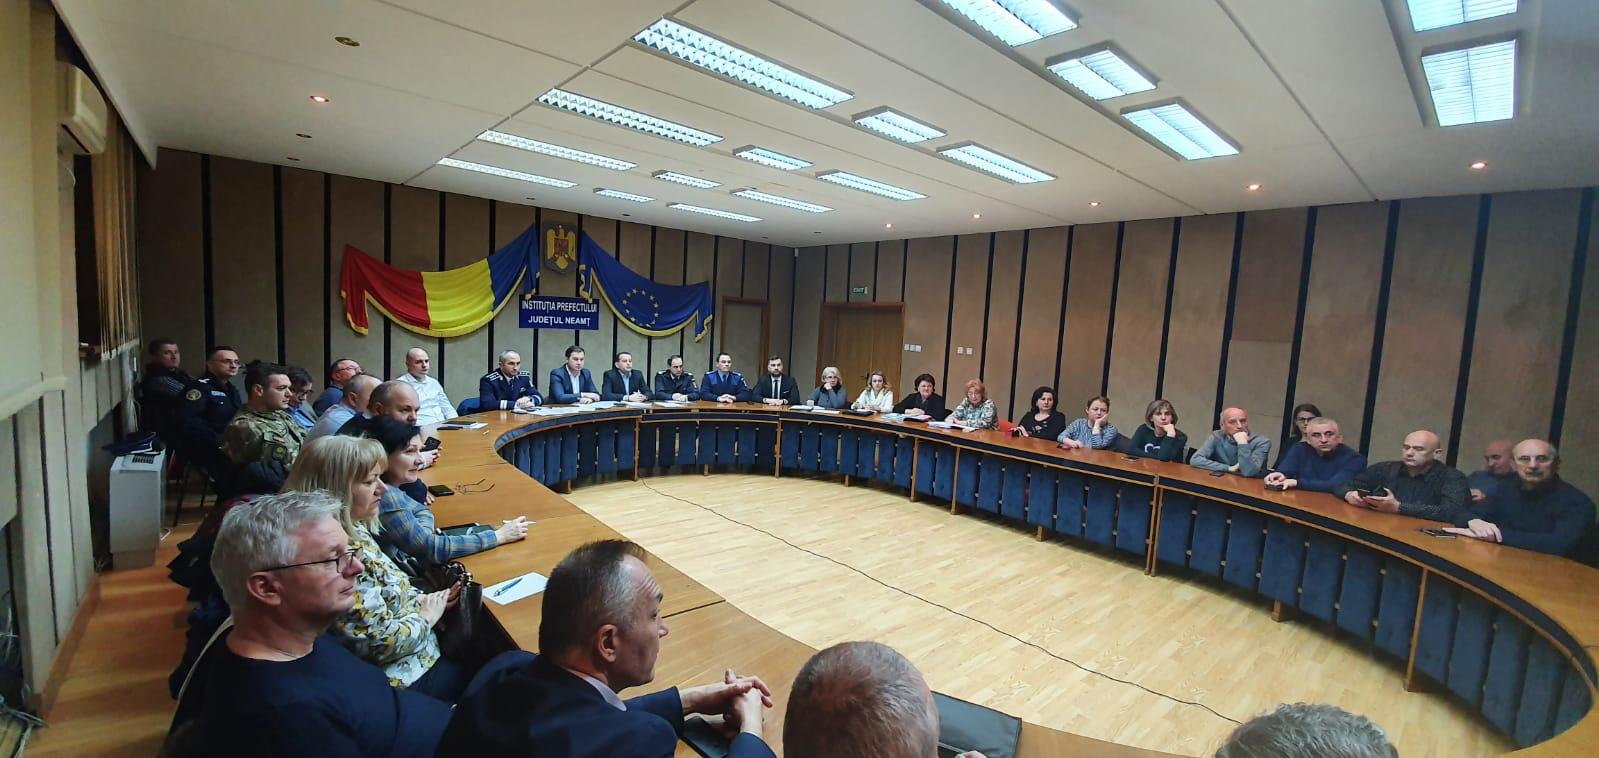 Comitetul Județean pentru Situații de Urgență a propus noi măsuri privind COVID-19